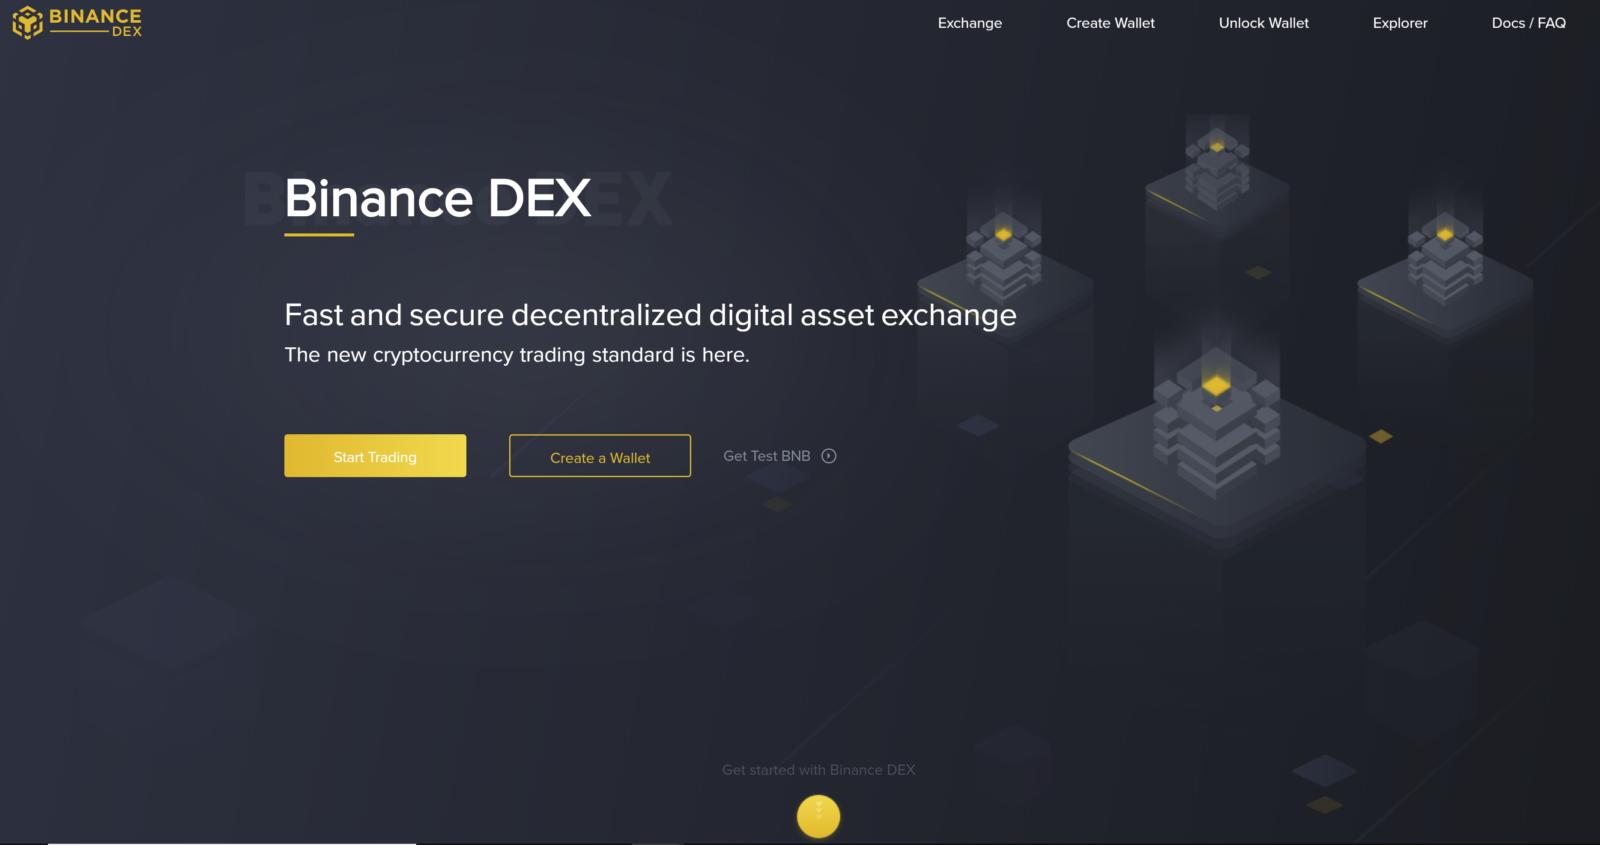 Binance DEX Testnet Launch